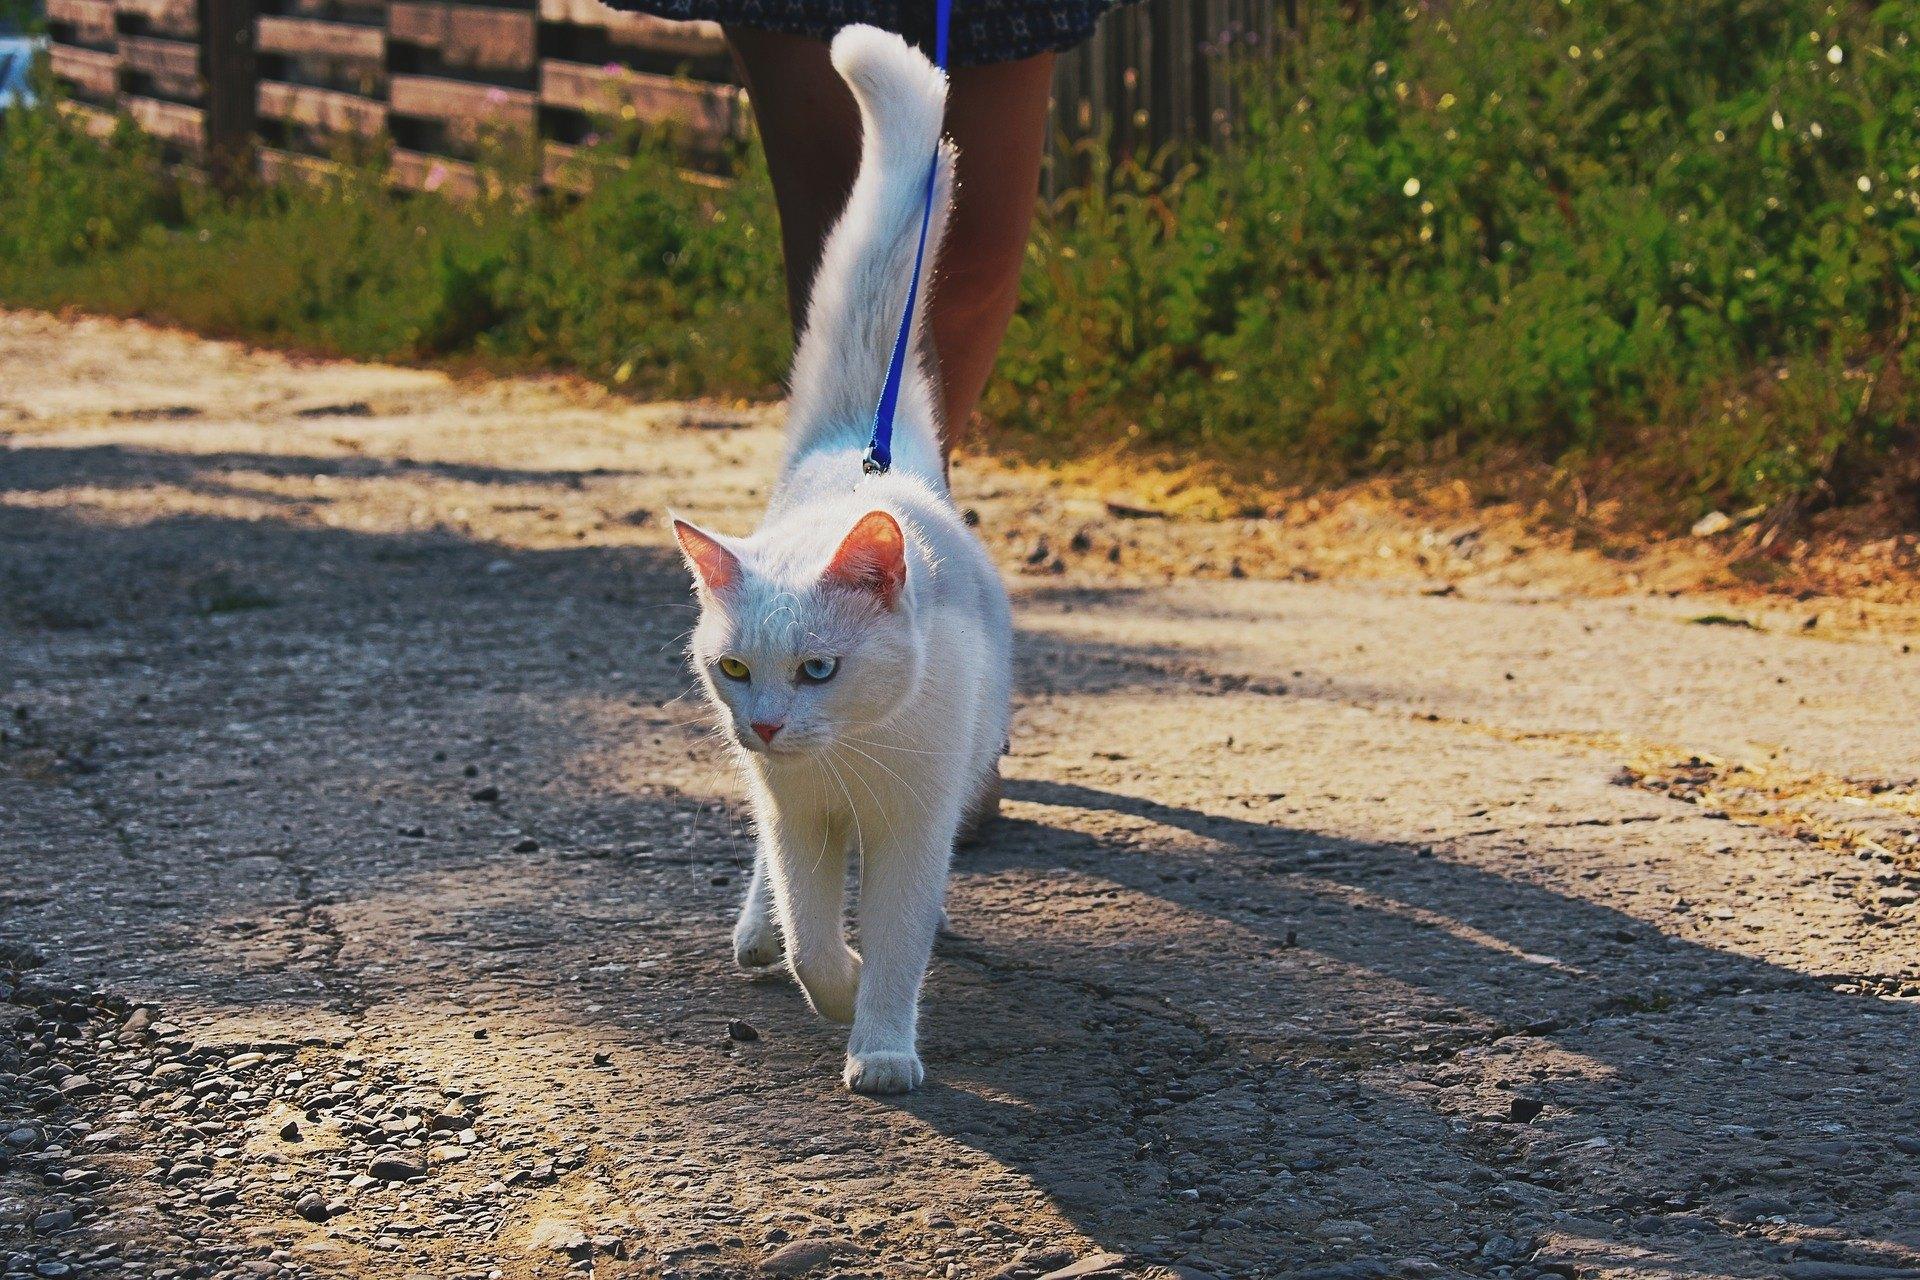 Kočka na vodítku můžeme potkat stále častěji. Výcvik chůze na vodítku by se měl začít, když je kočka v mladém věku.